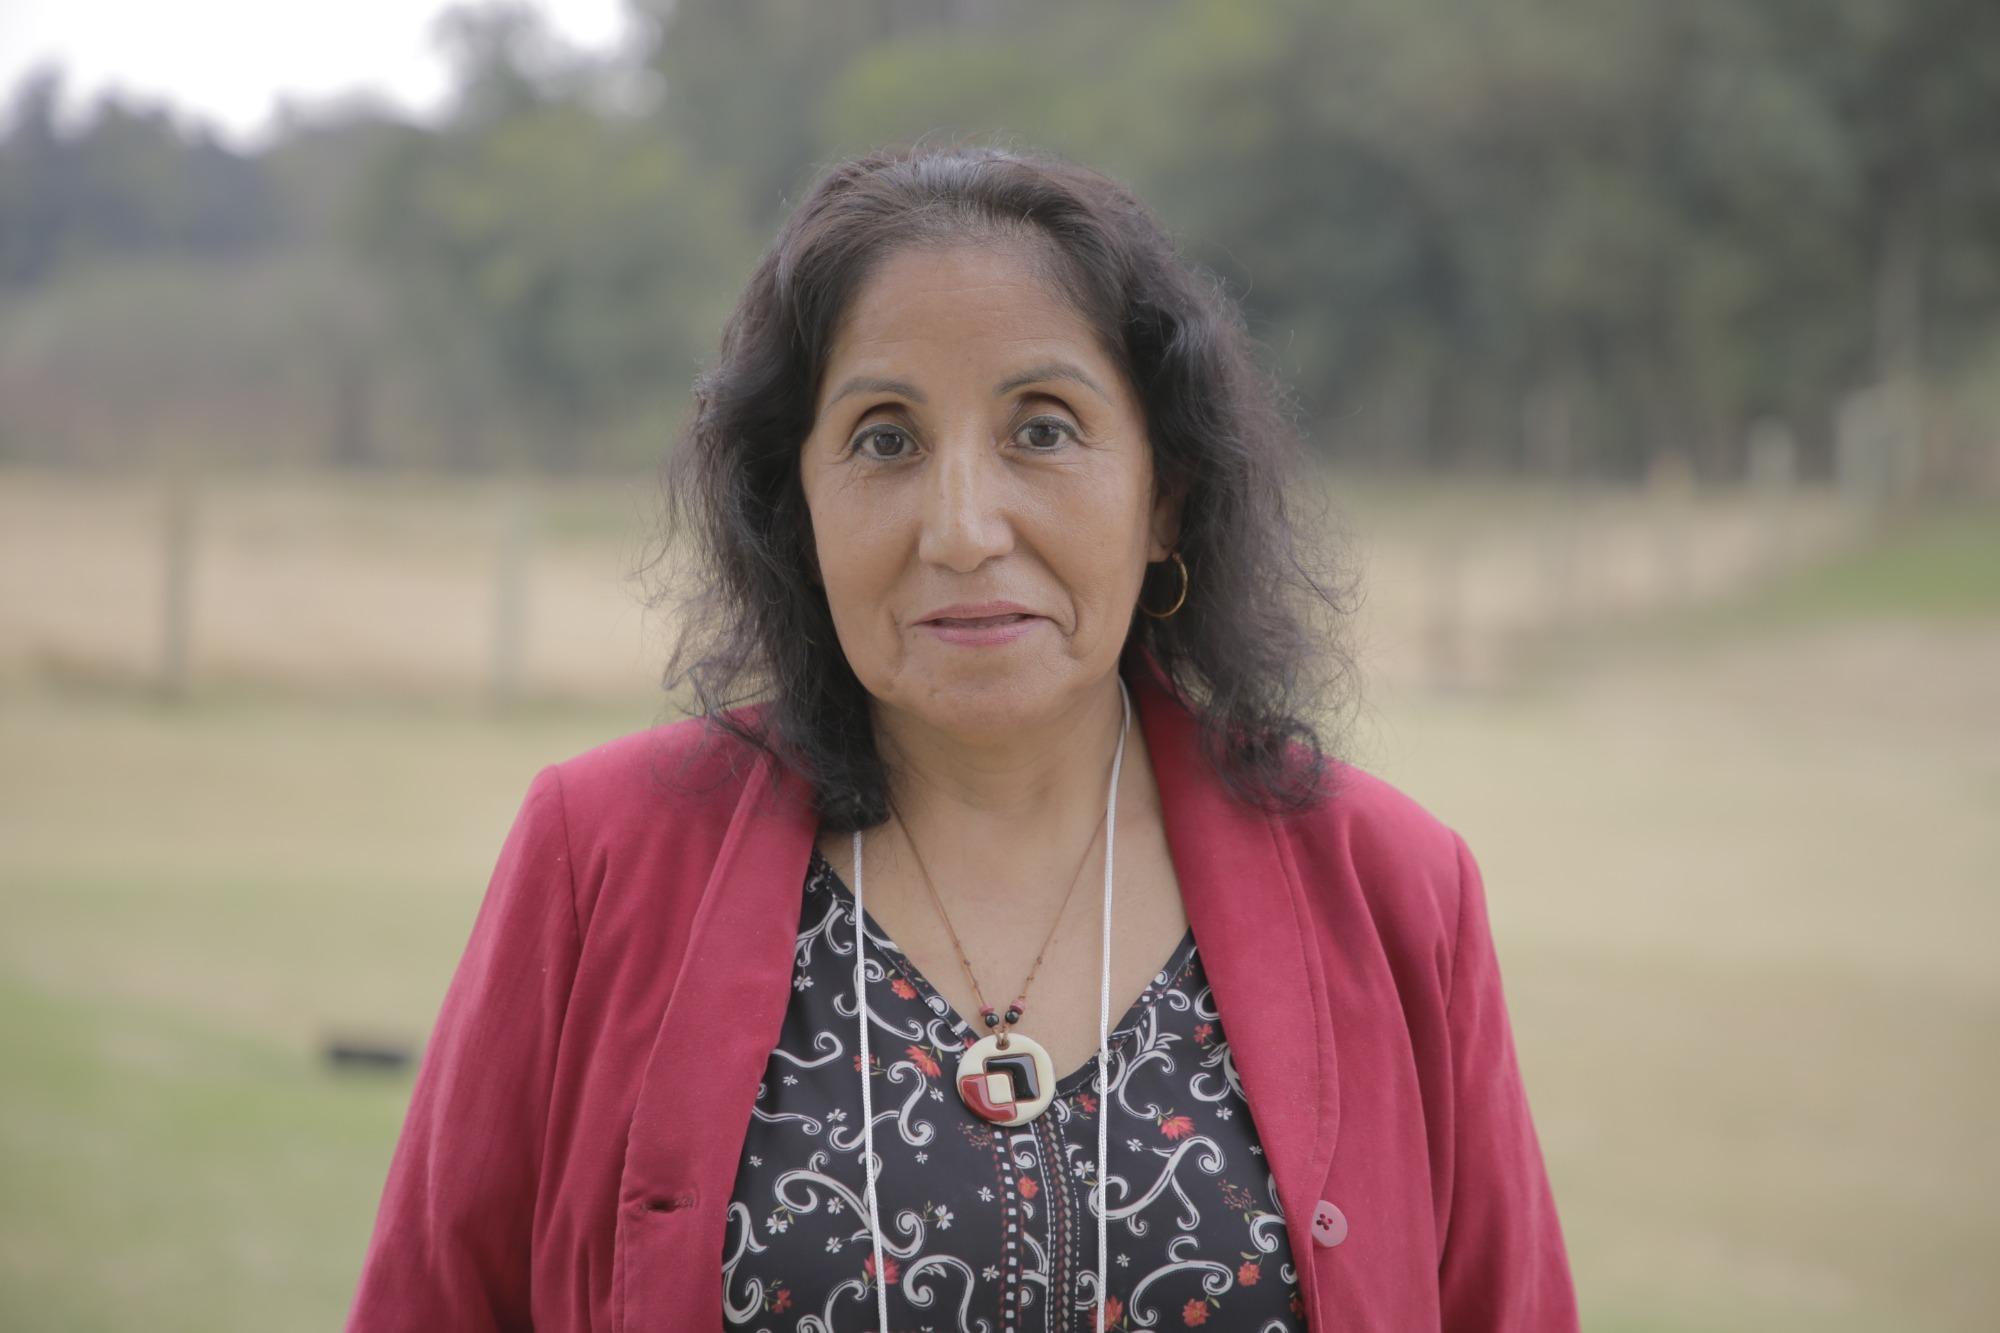 5 Perguntas - com Carmen Josefina Contreras Castillo, da Esalq/USP